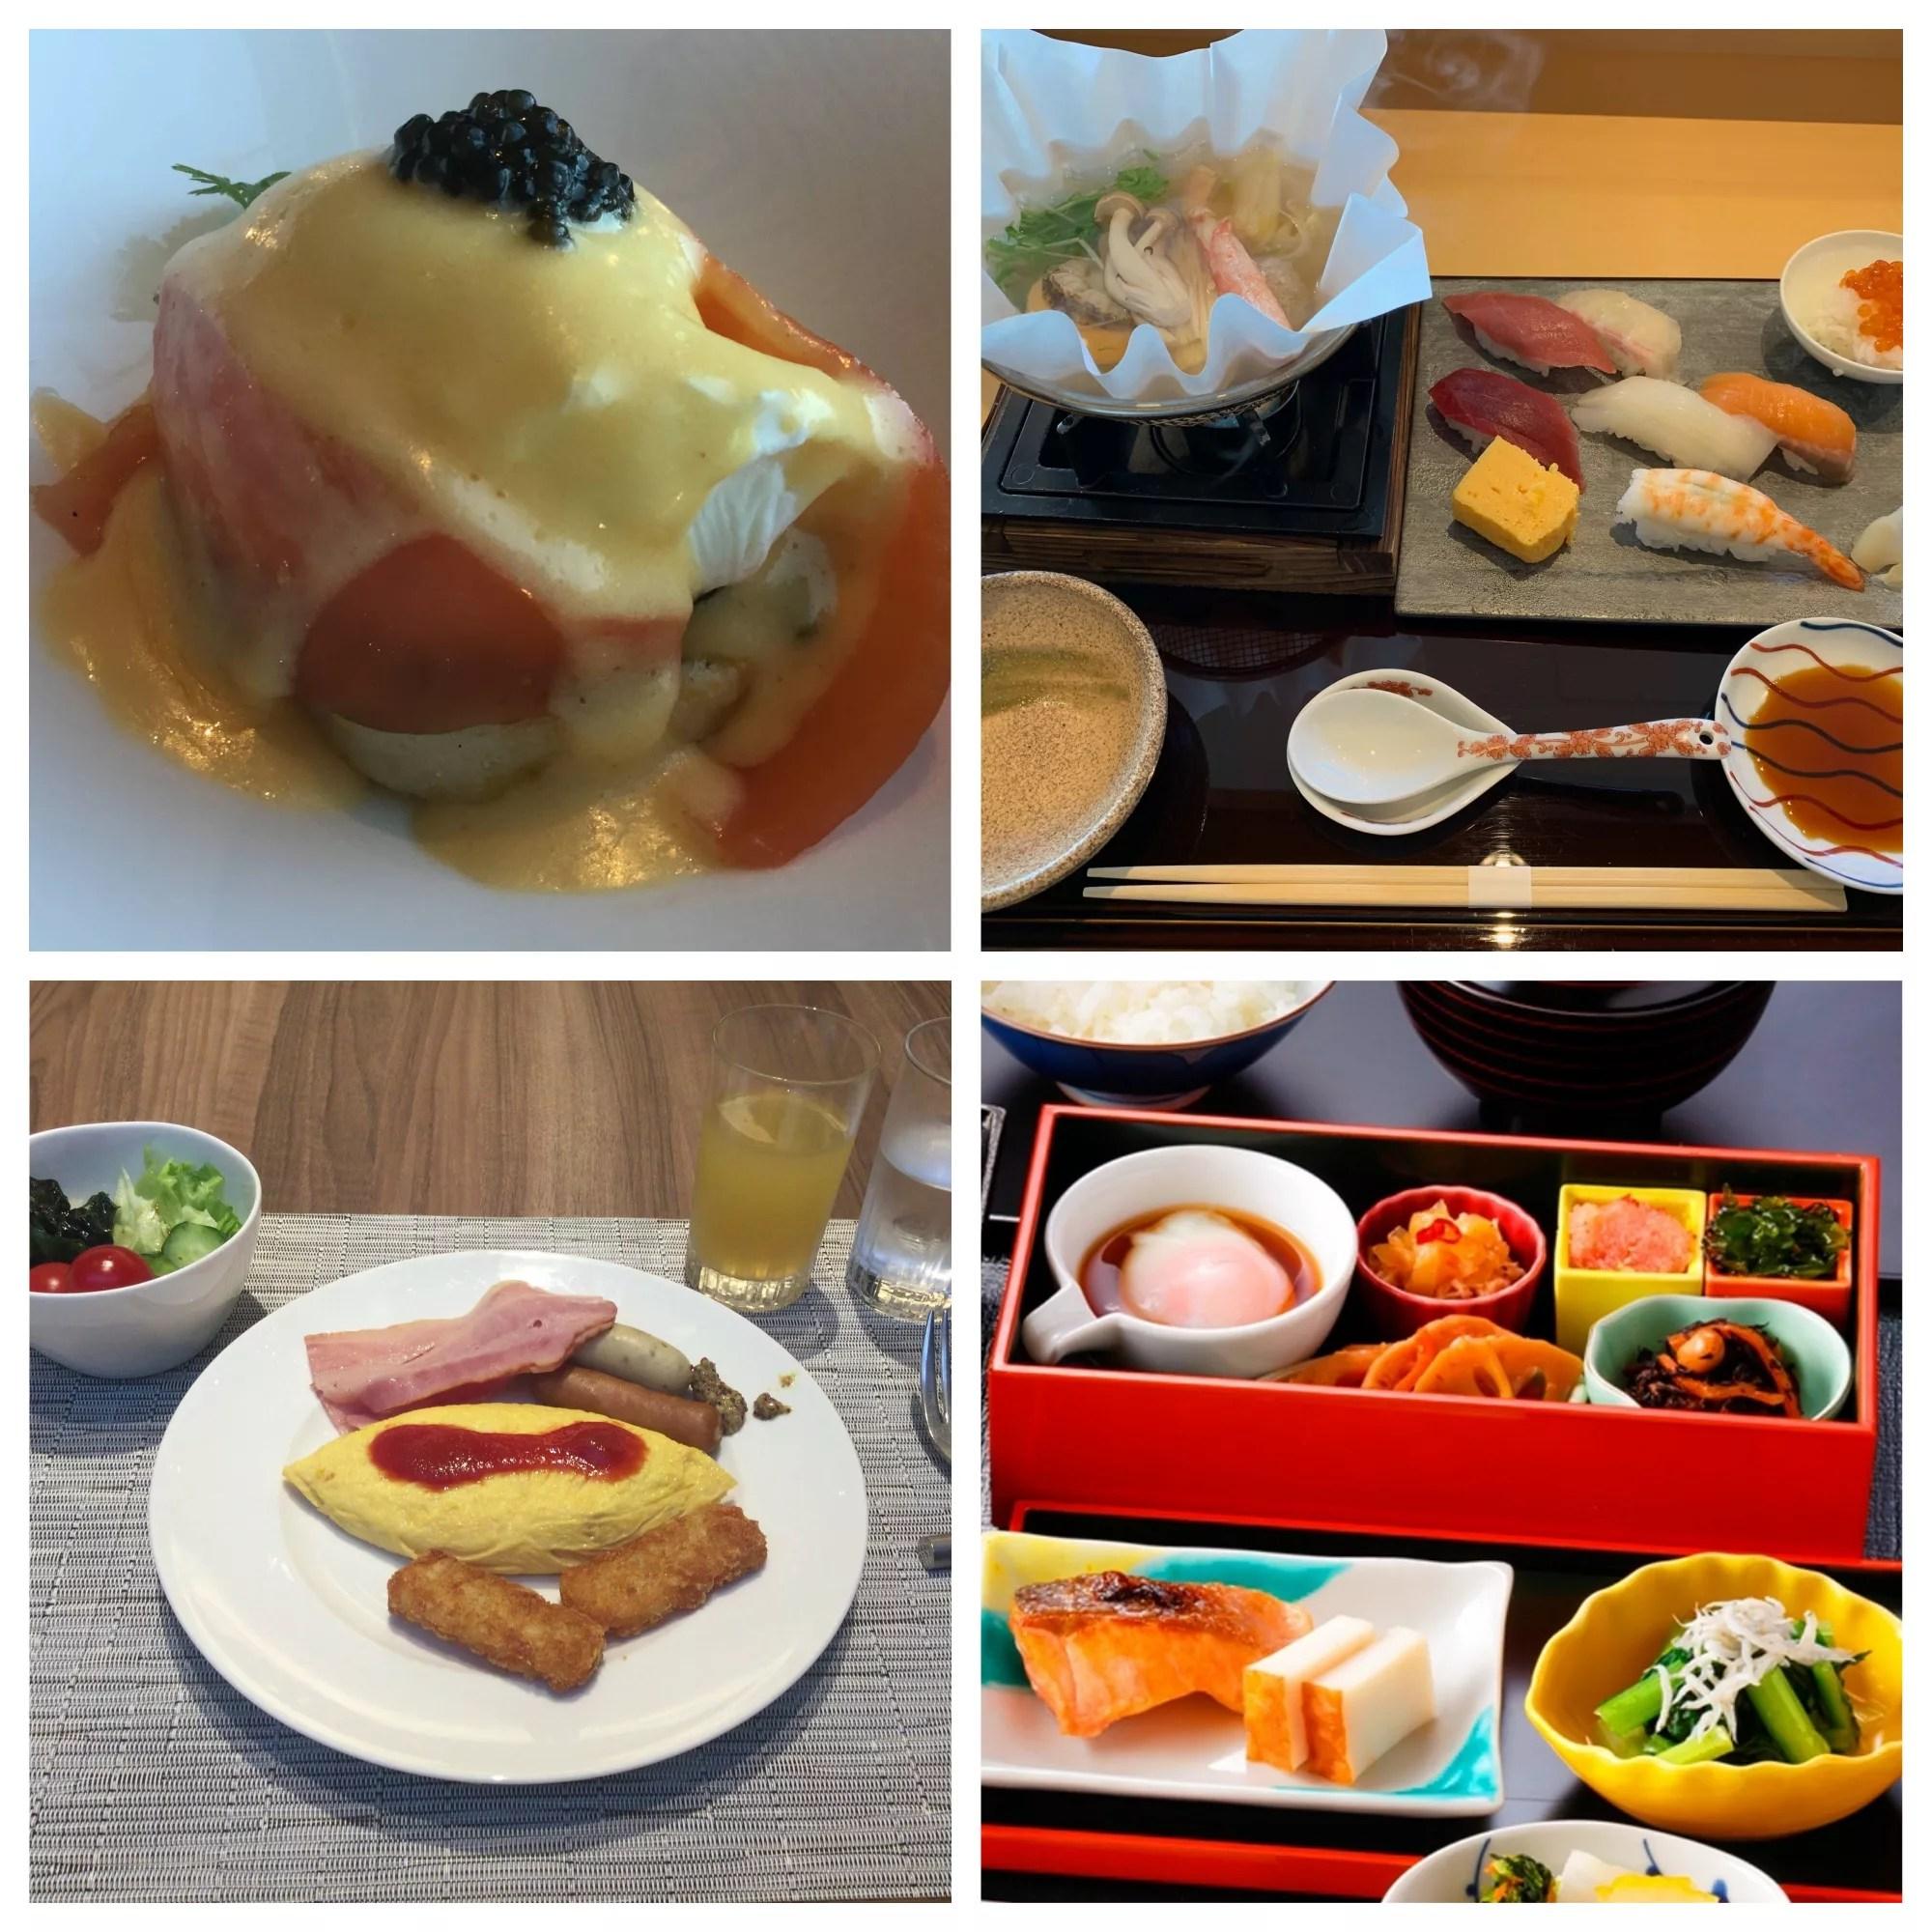 ホテルグランドニッコー東京台場は朝食を5種類から選択可能!ブッフェから寿司まで